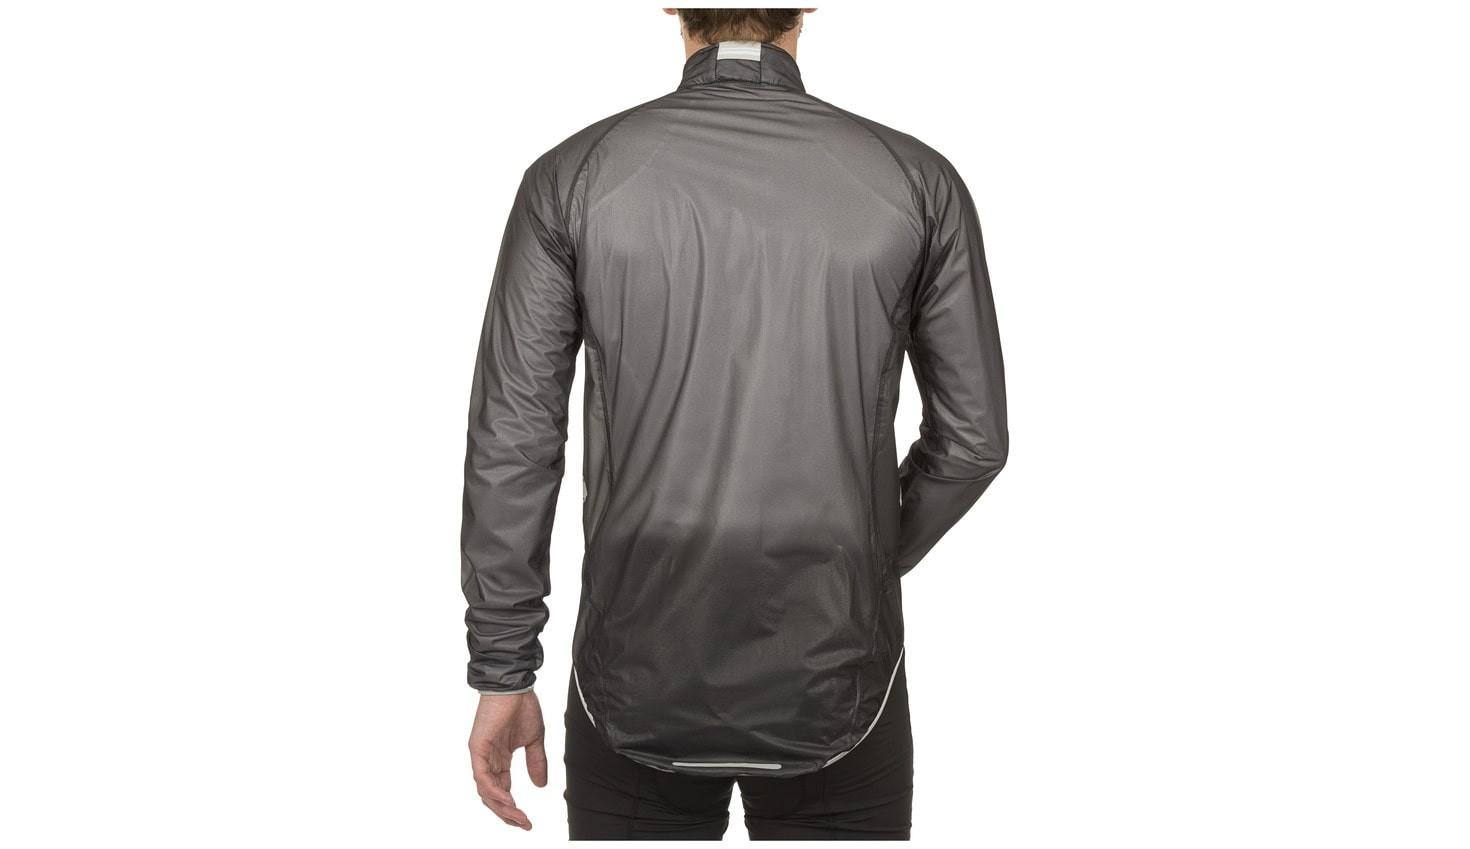 Велокуртка ENDURA FS260-Pro adrenaline race cape jacket (размер XL/XXL) - 2